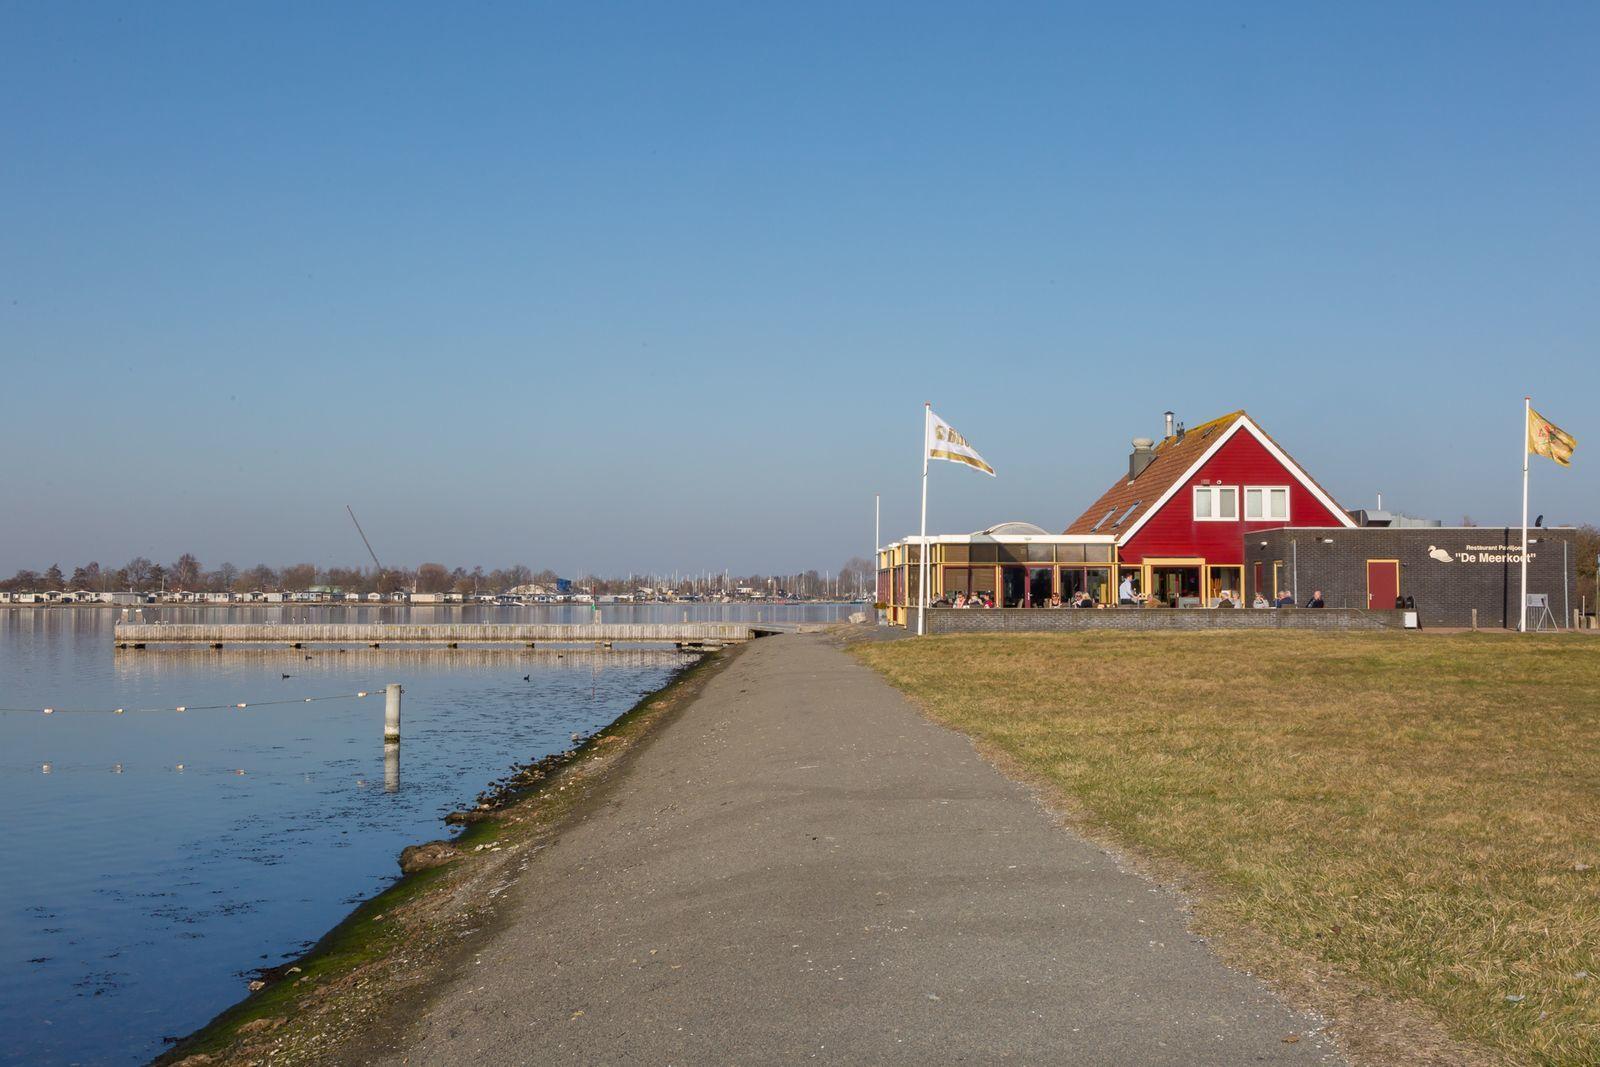 Holidayhouse - Inlaag 20 | Wolphaartsdijk